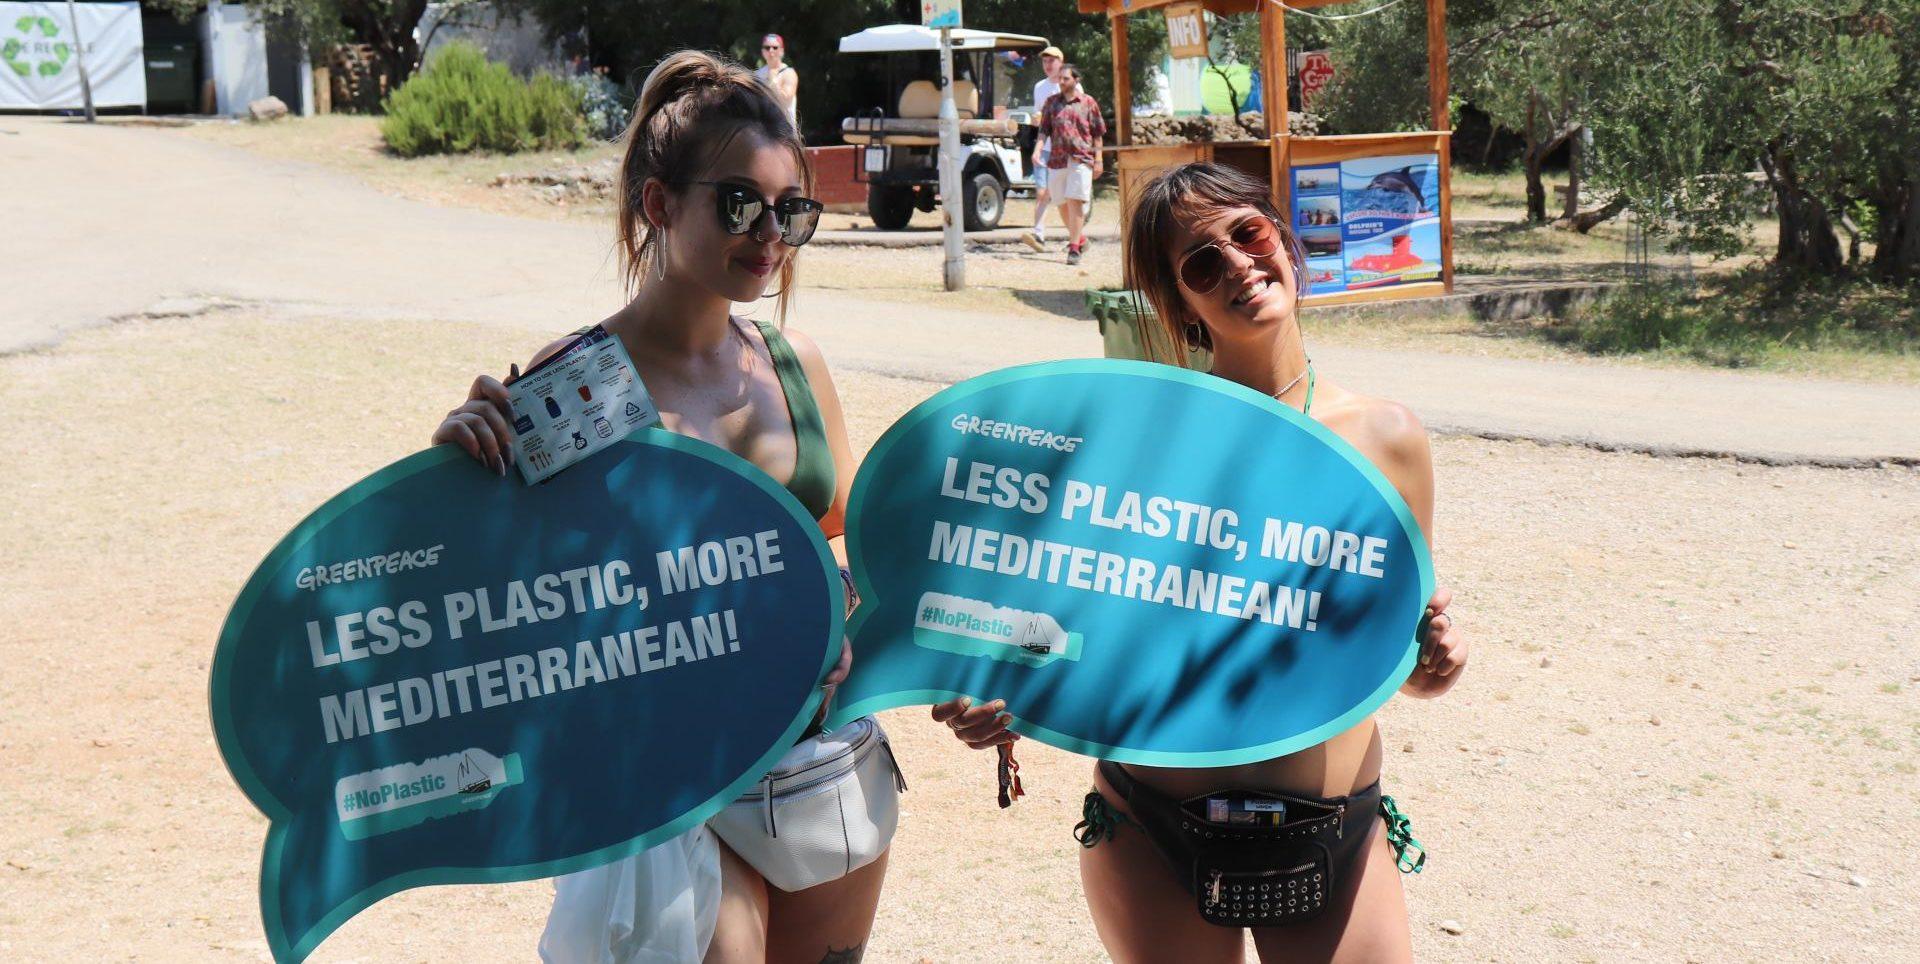 """Koncerti i festivali ne moraju biti """"odlagalište plastičnog otpada"""""""